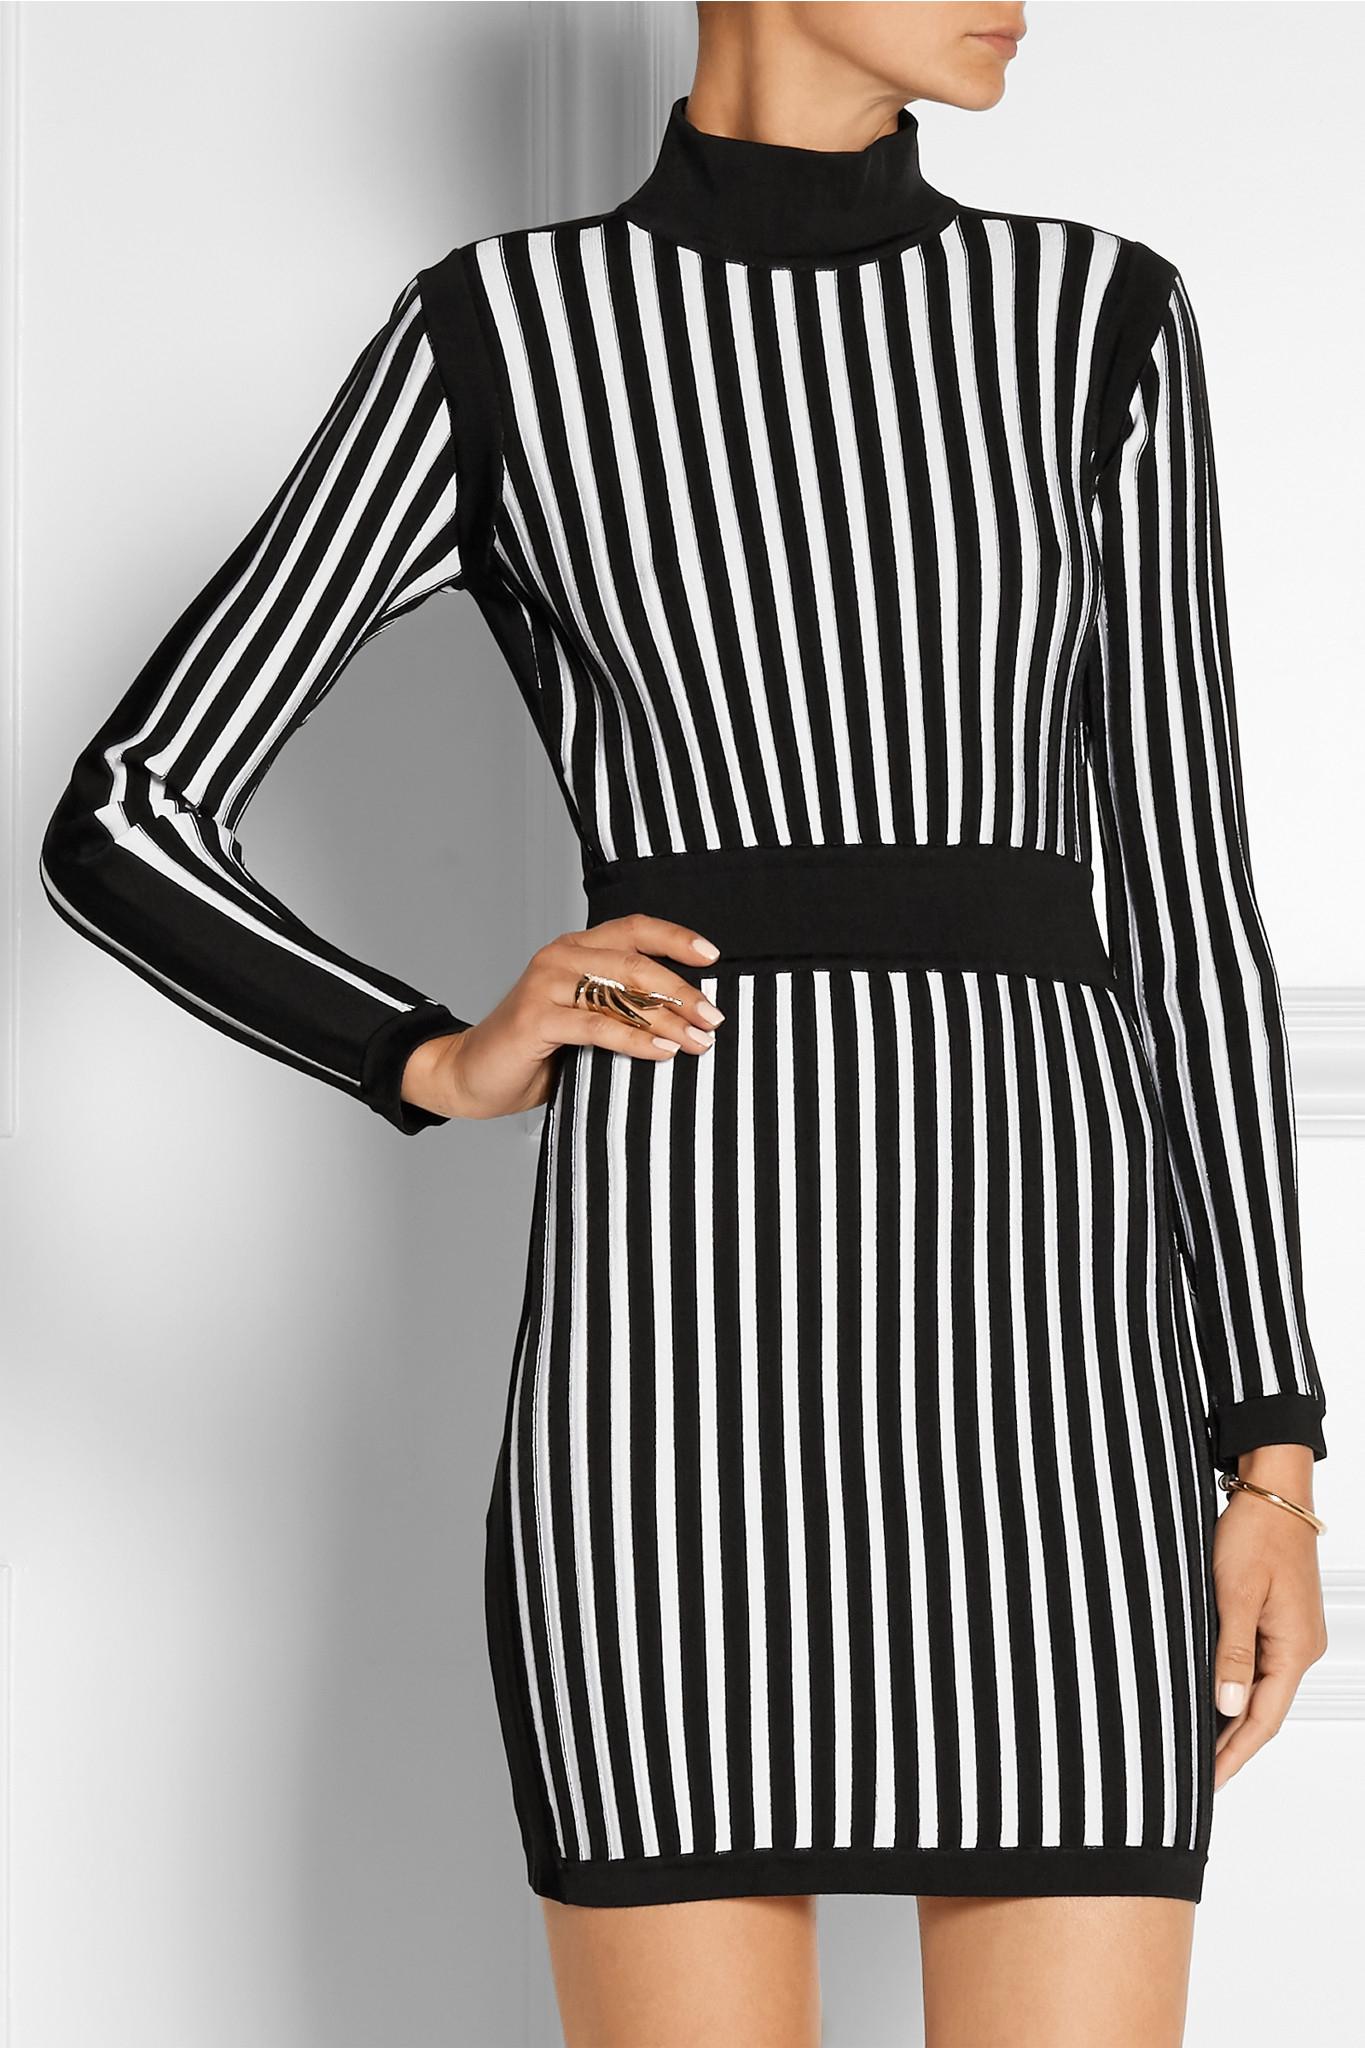 8567b2c8db Balmain Striped Stretch-knit Mini Dress in Black - Lyst